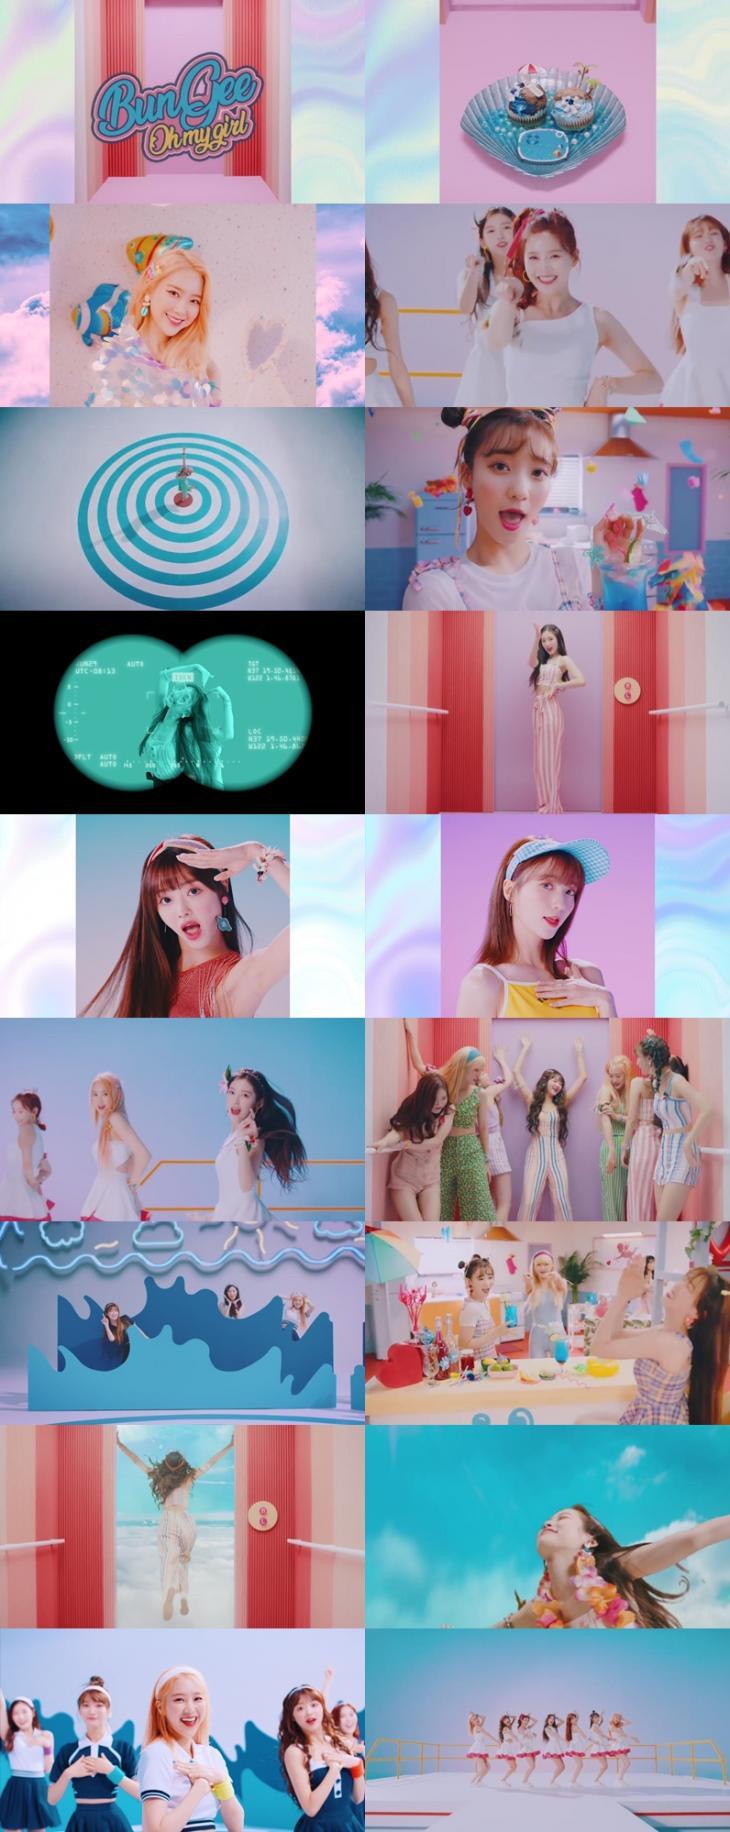 오마이걸 '번지(BUNGEE)' MV 영상 캡처